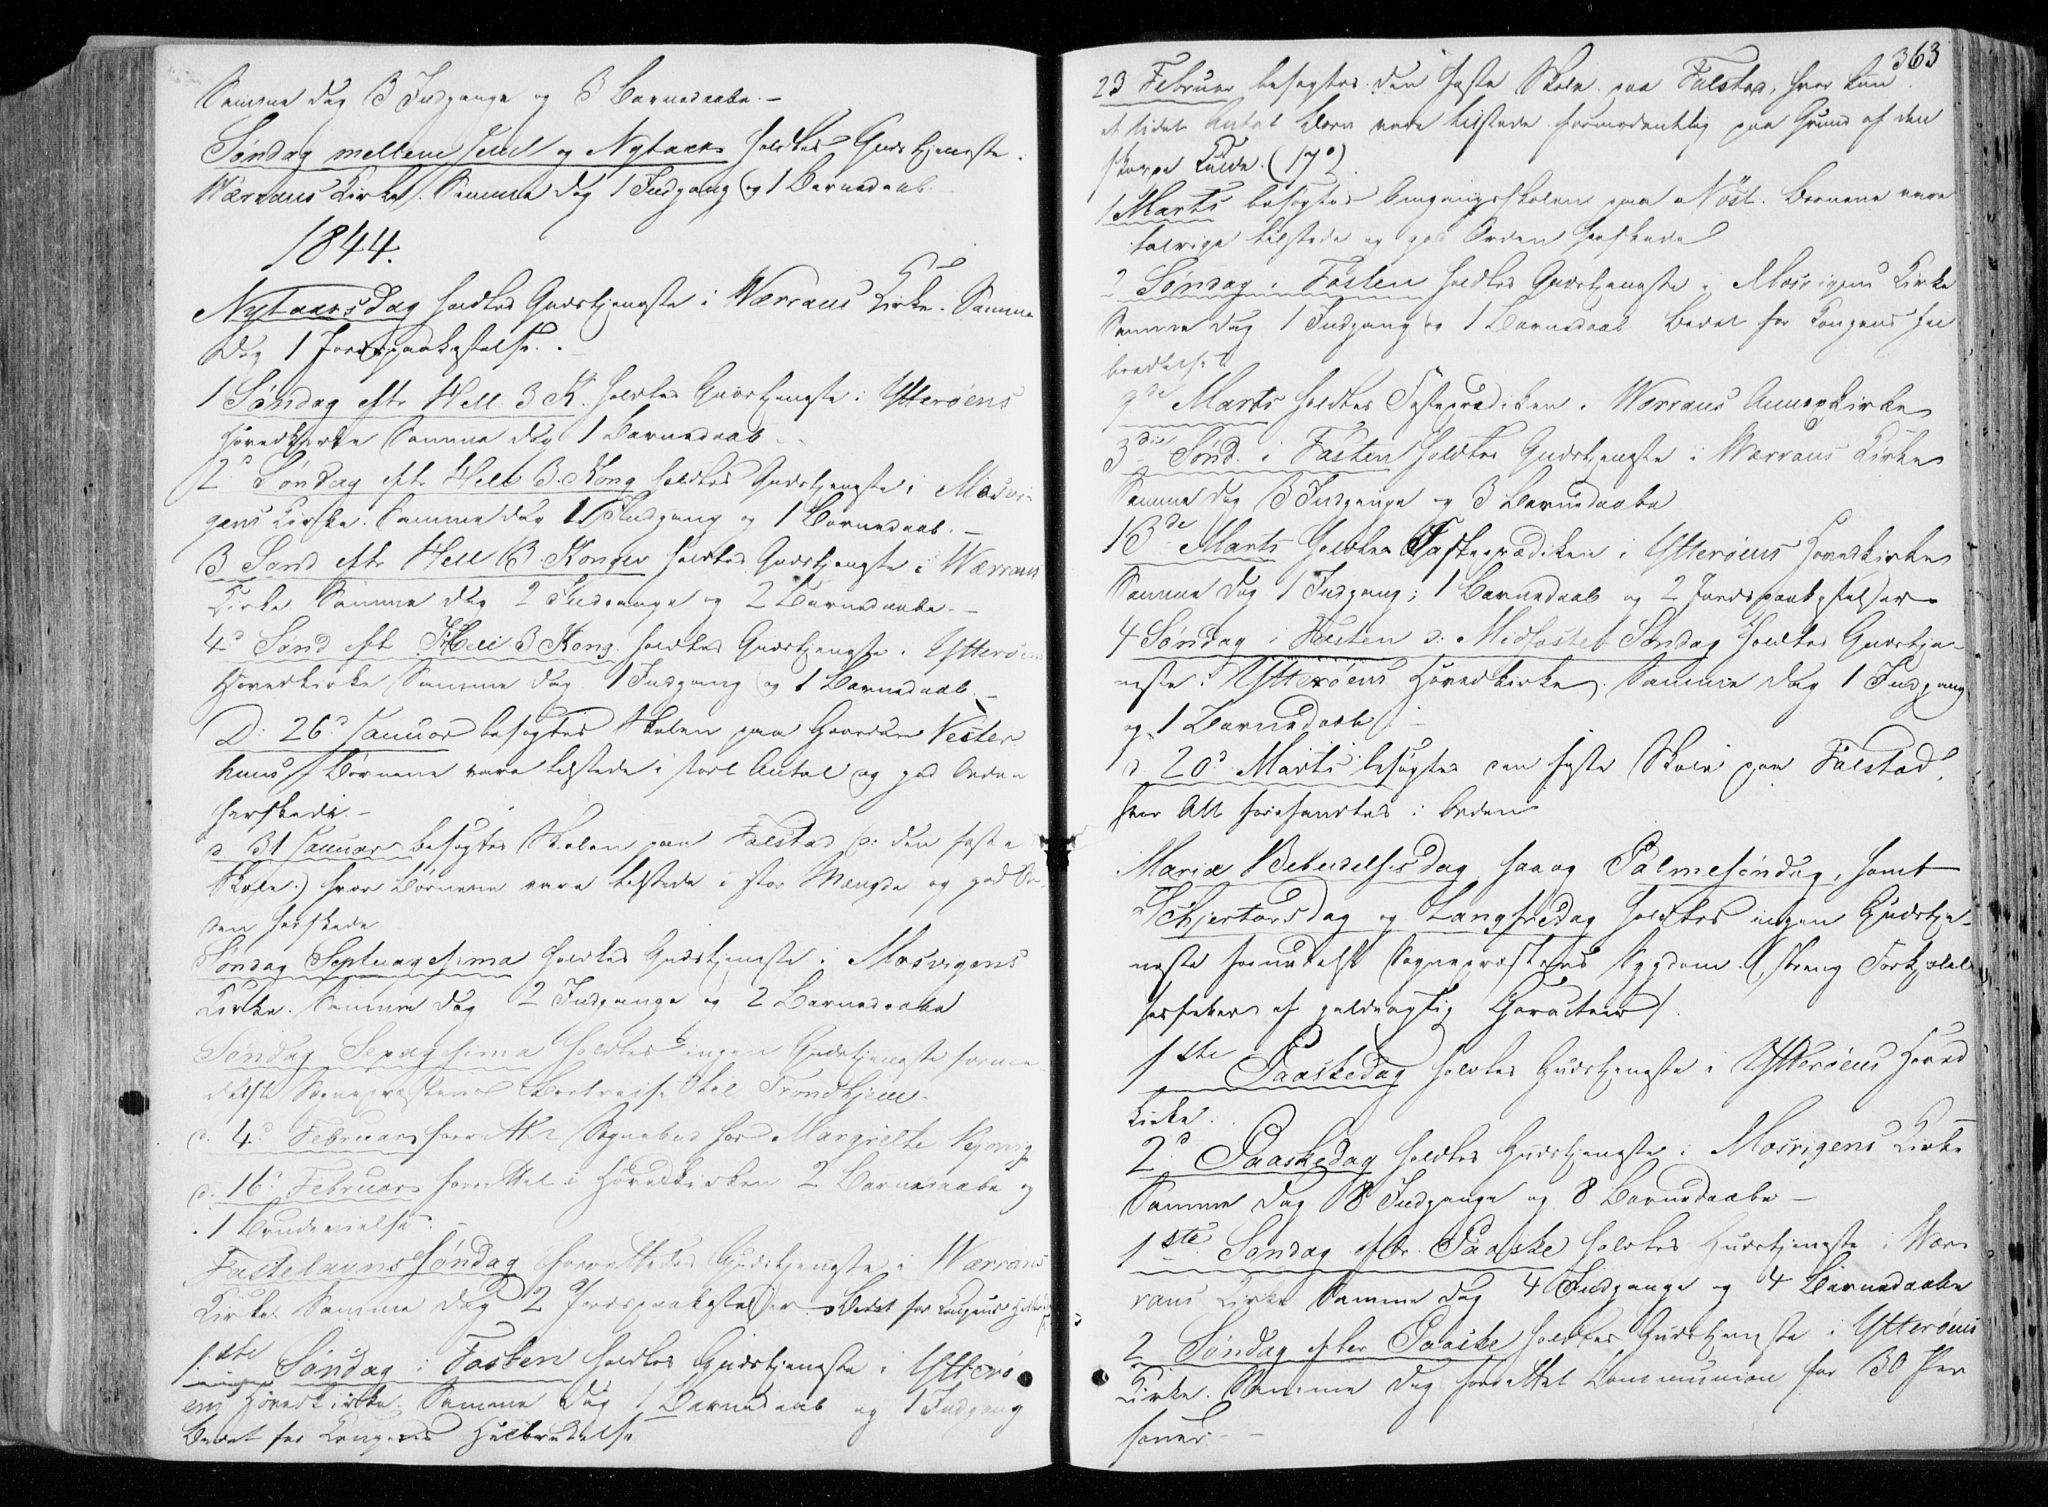 SAT, Ministerialprotokoller, klokkerbøker og fødselsregistre - Nord-Trøndelag, 722/L0218: Ministerialbok nr. 722A05, 1843-1868, s. 363